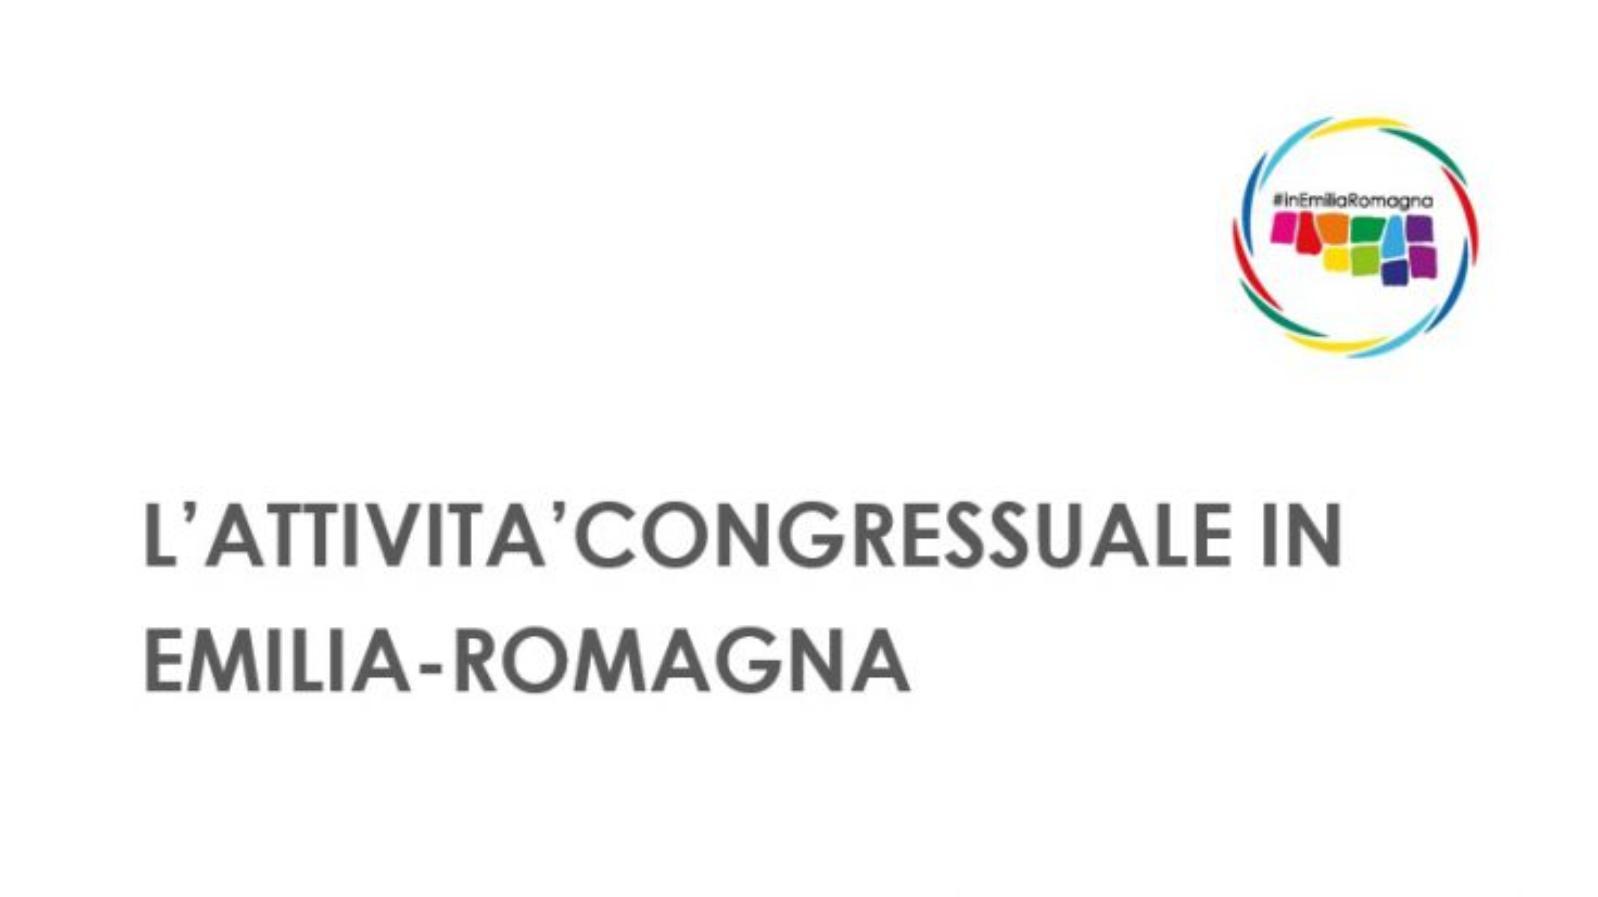 L'attività Congressuale in Emilia-Romagna